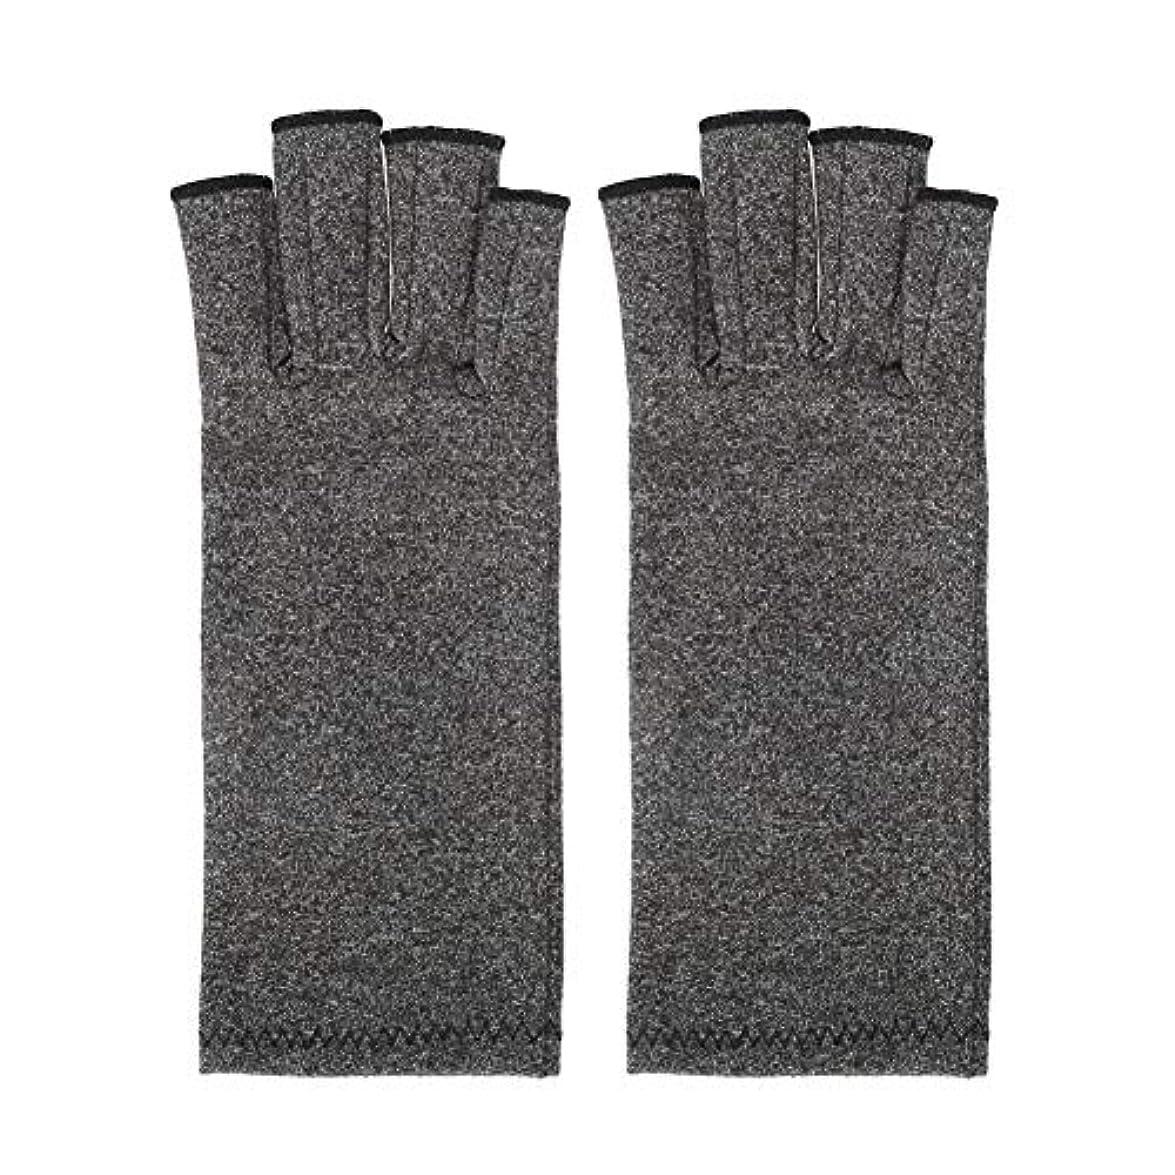 モック書士注意抗関節炎手袋抗関節炎ヘルスケアリハビリテーショントレーニング手袋圧縮療法リウマチ性疼痛